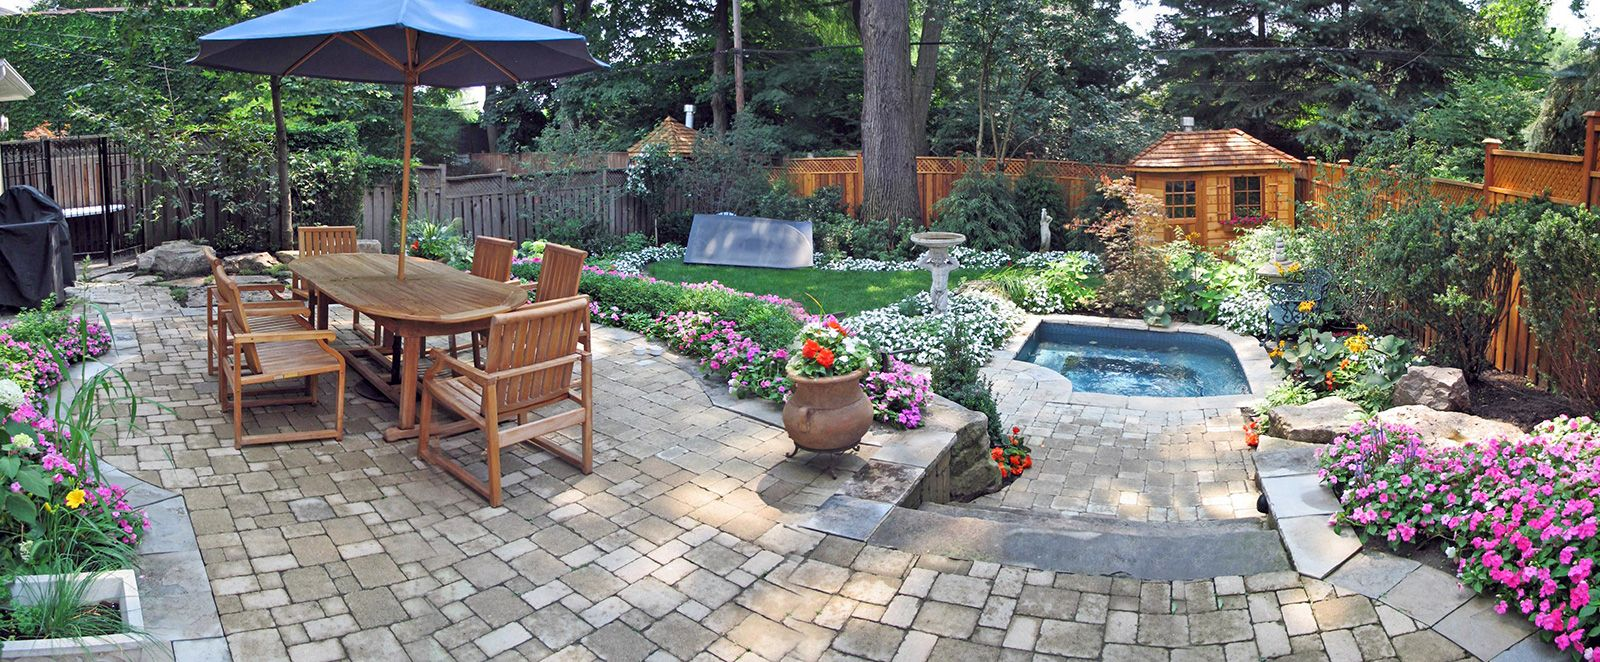 Sunken Hot Tub Deck Designs | stone patio with sunken in ground ...